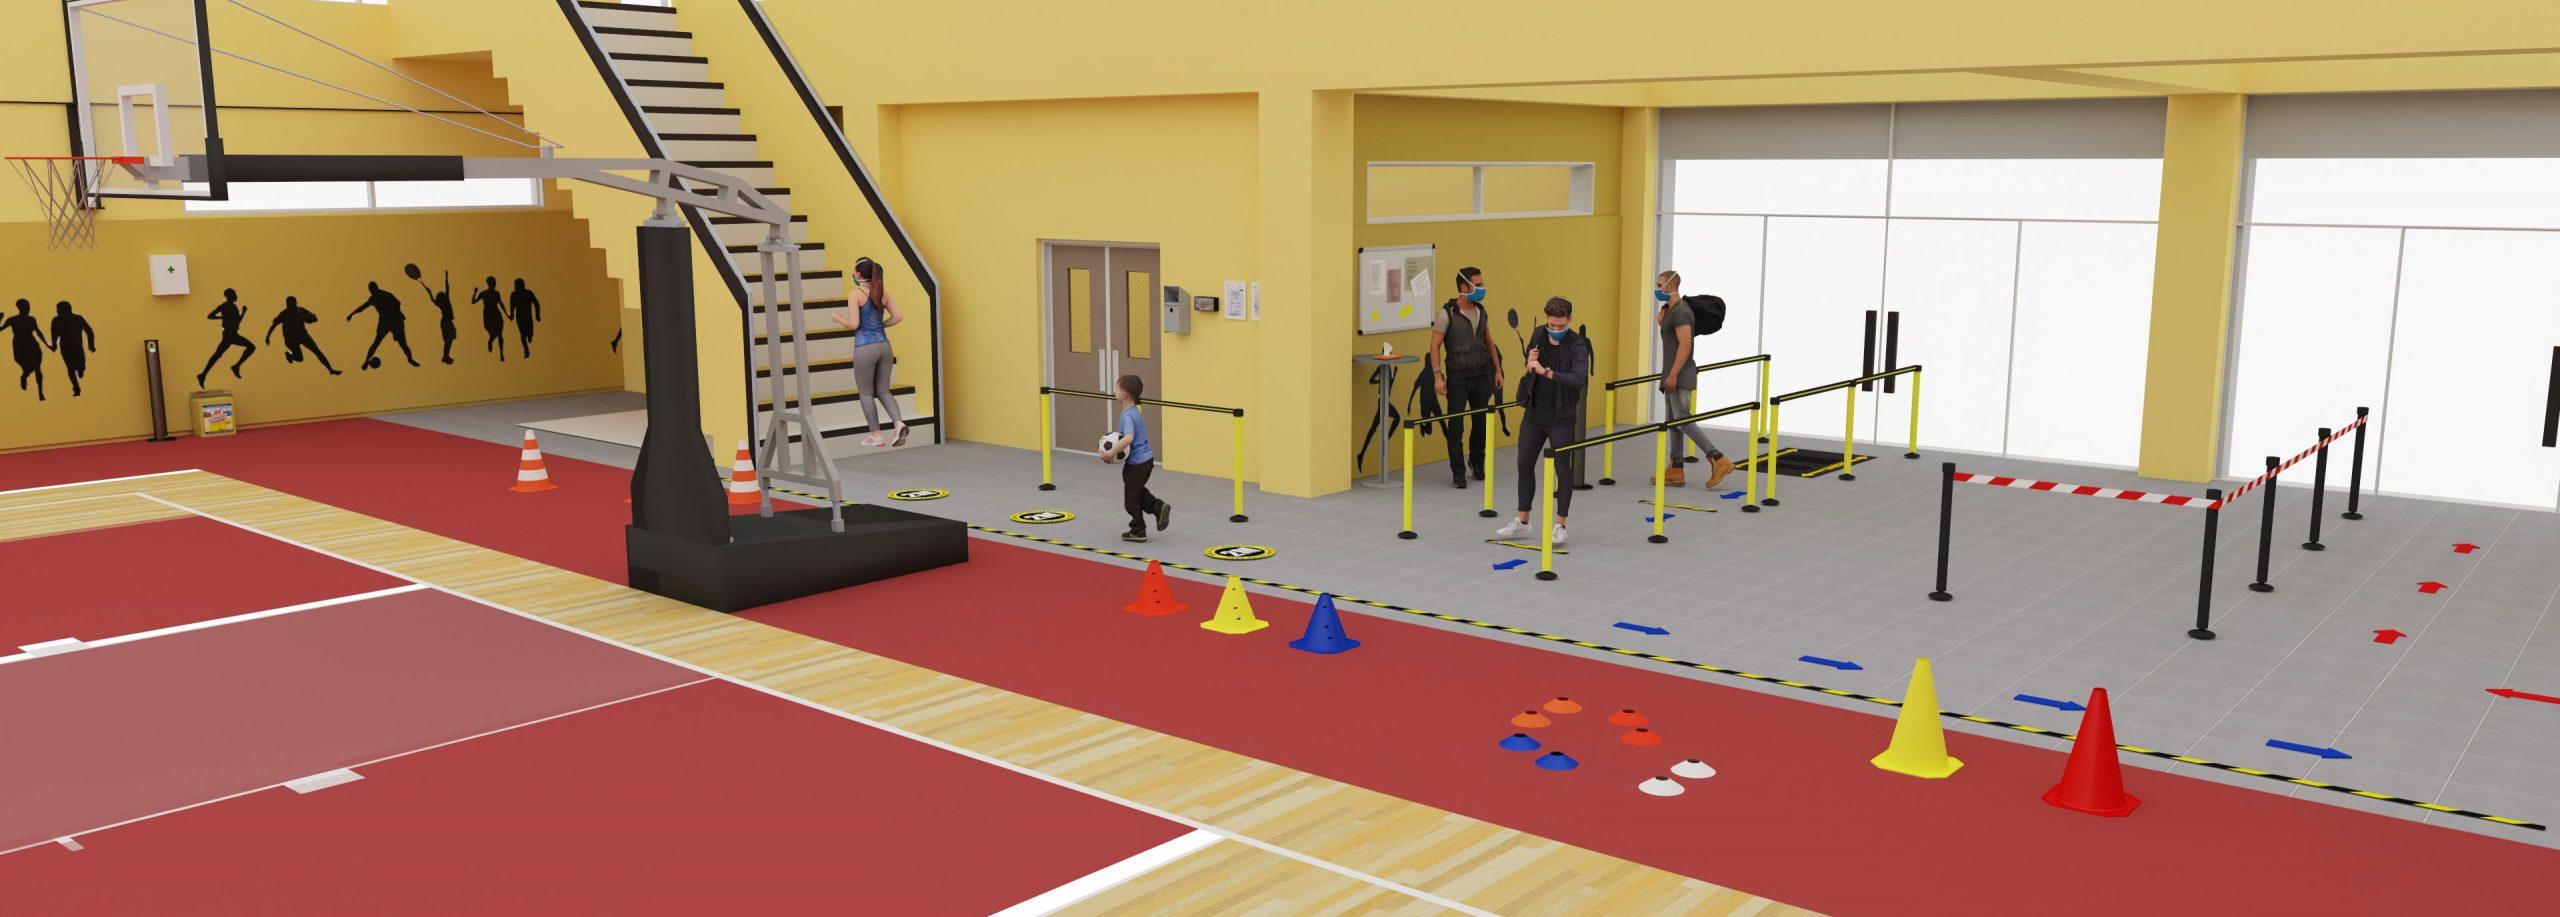 Plan d'un gymnase en 3D